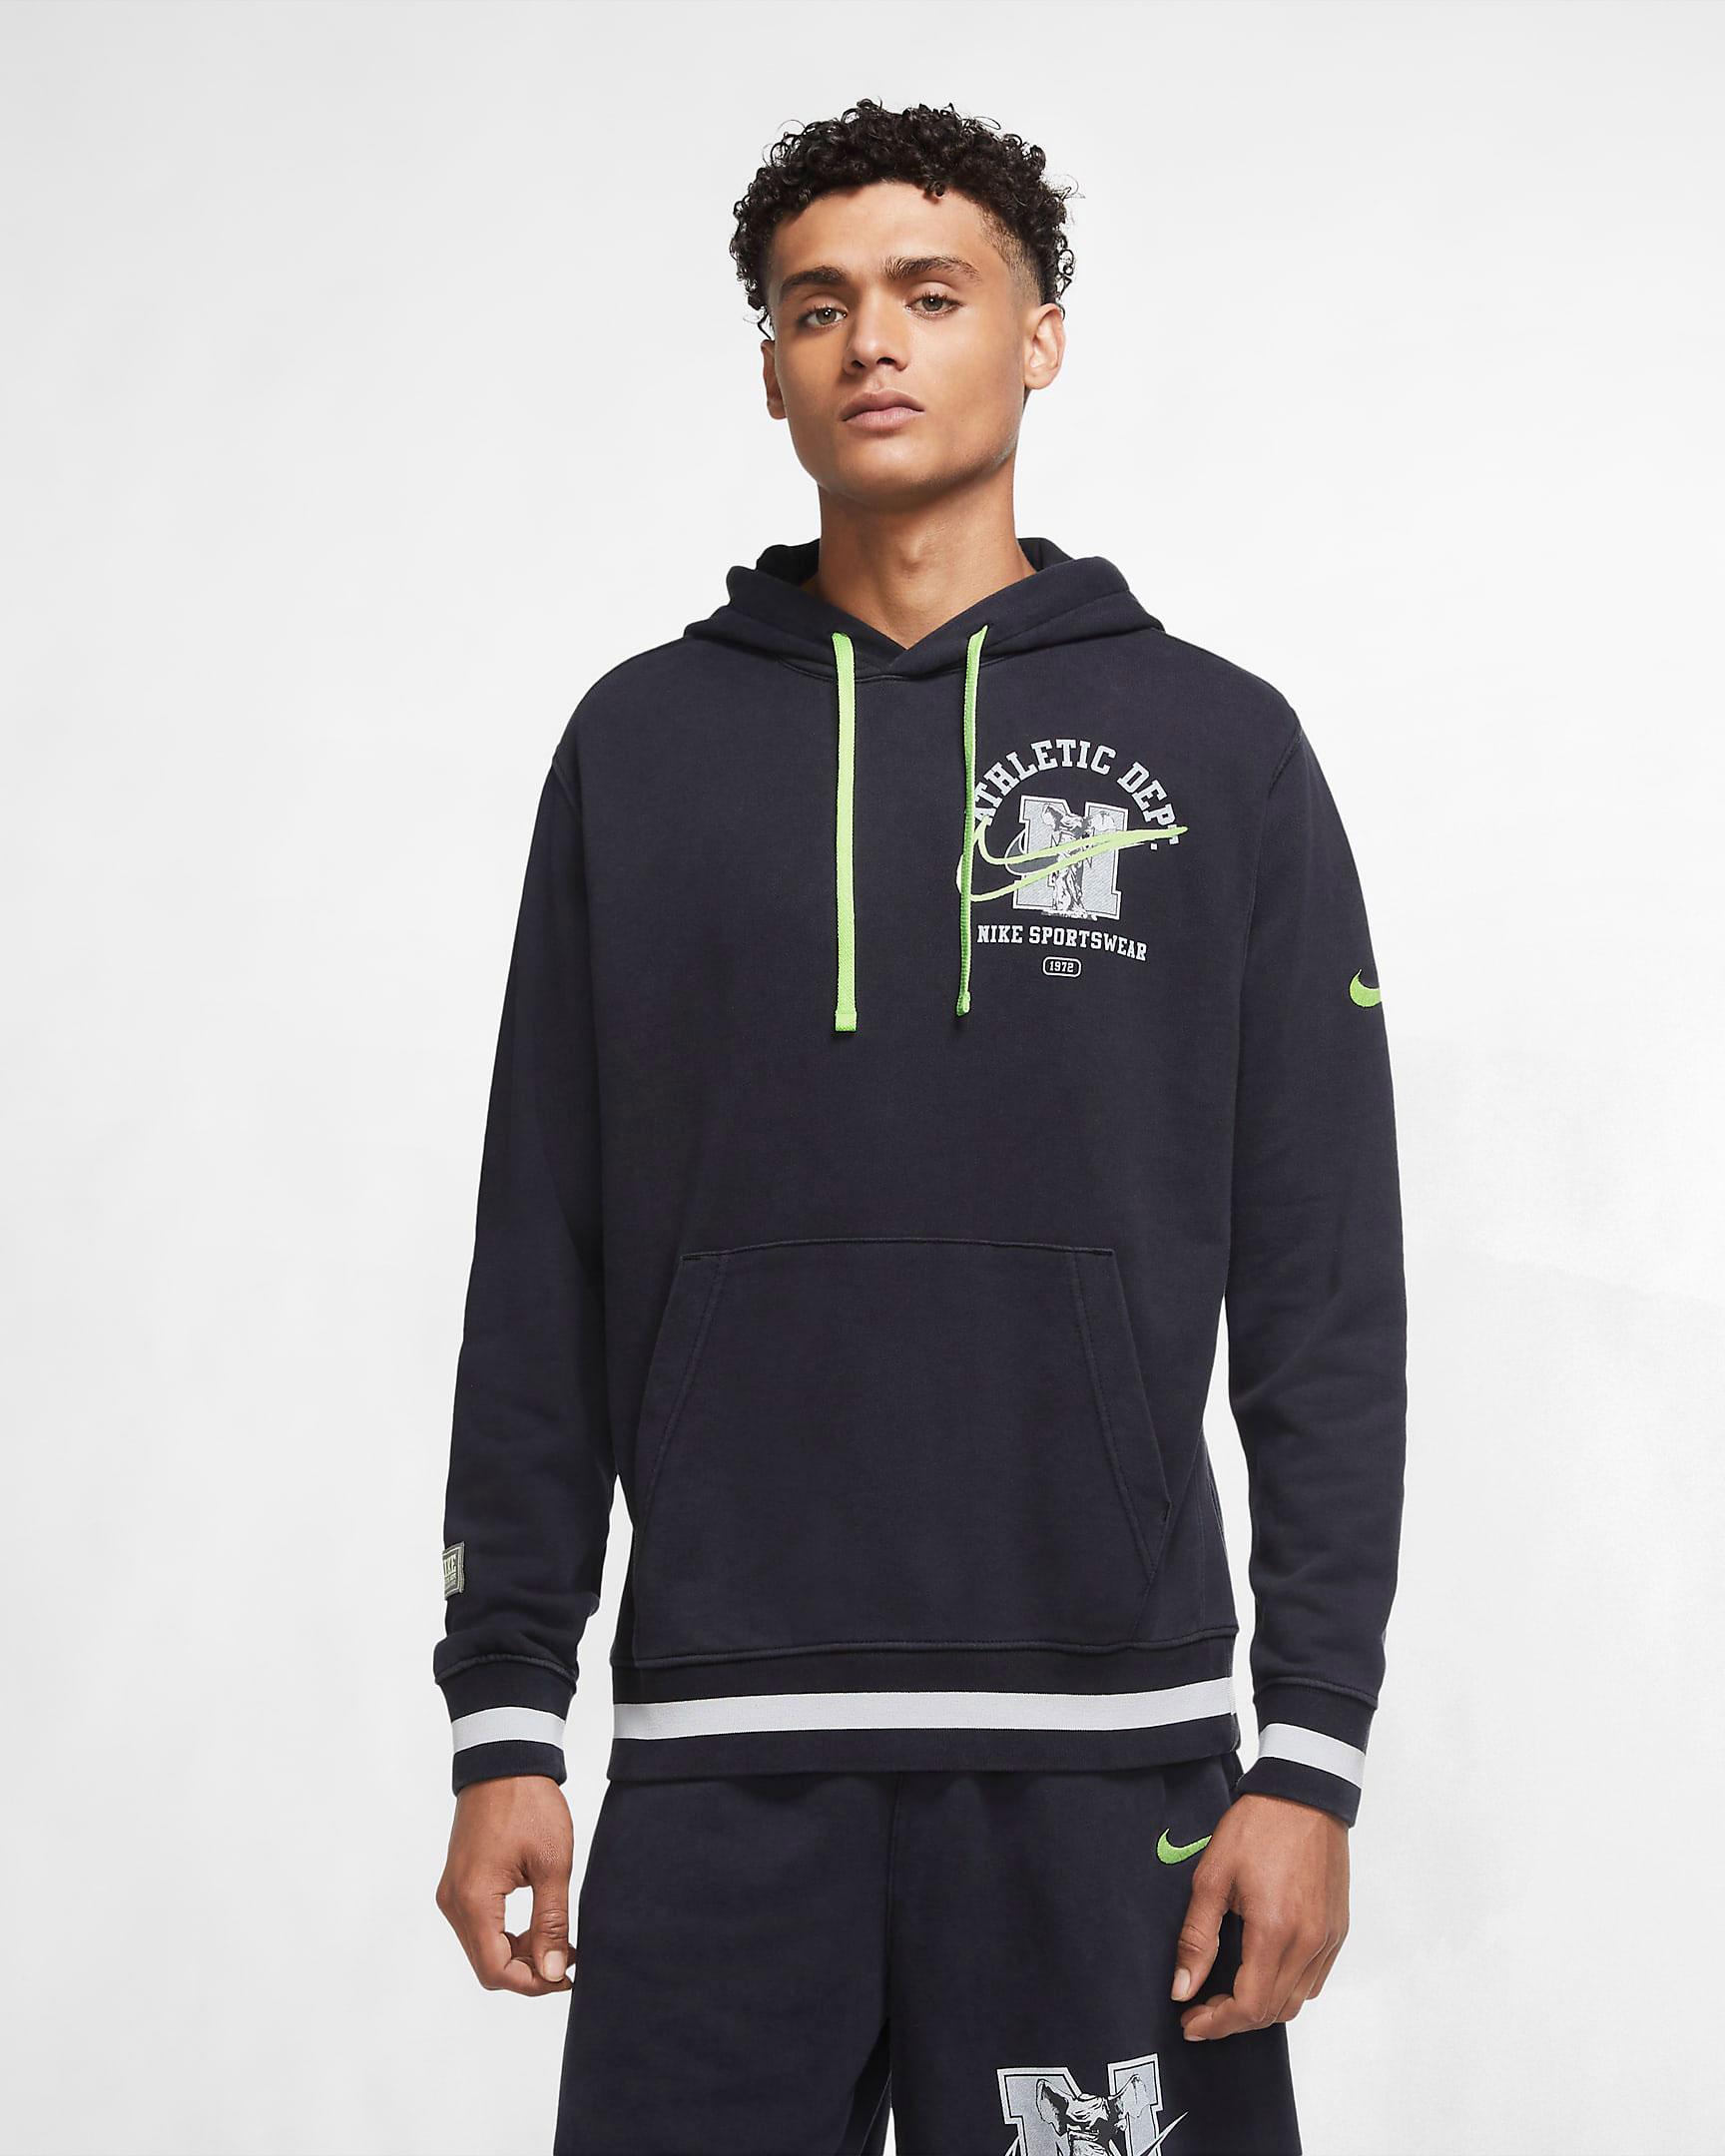 nike-sportswear-class-of-72-hoodie-black-volt-1